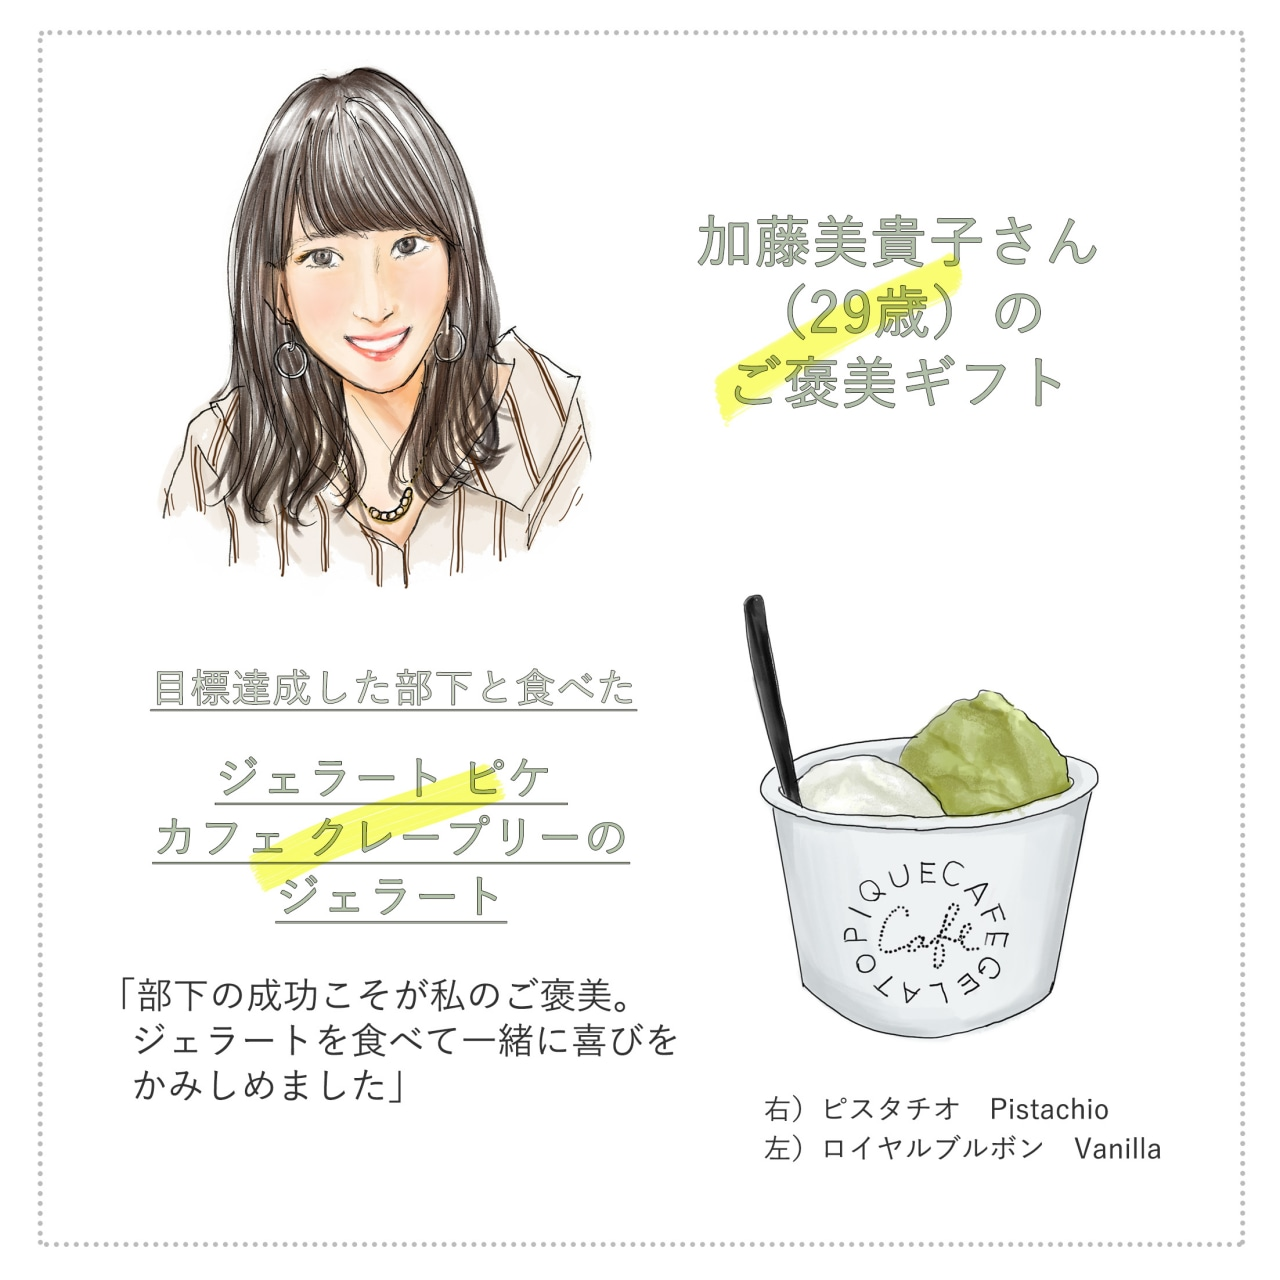 20代でマネージメントもする営業女子のご褒美とは_加藤美貴子さん